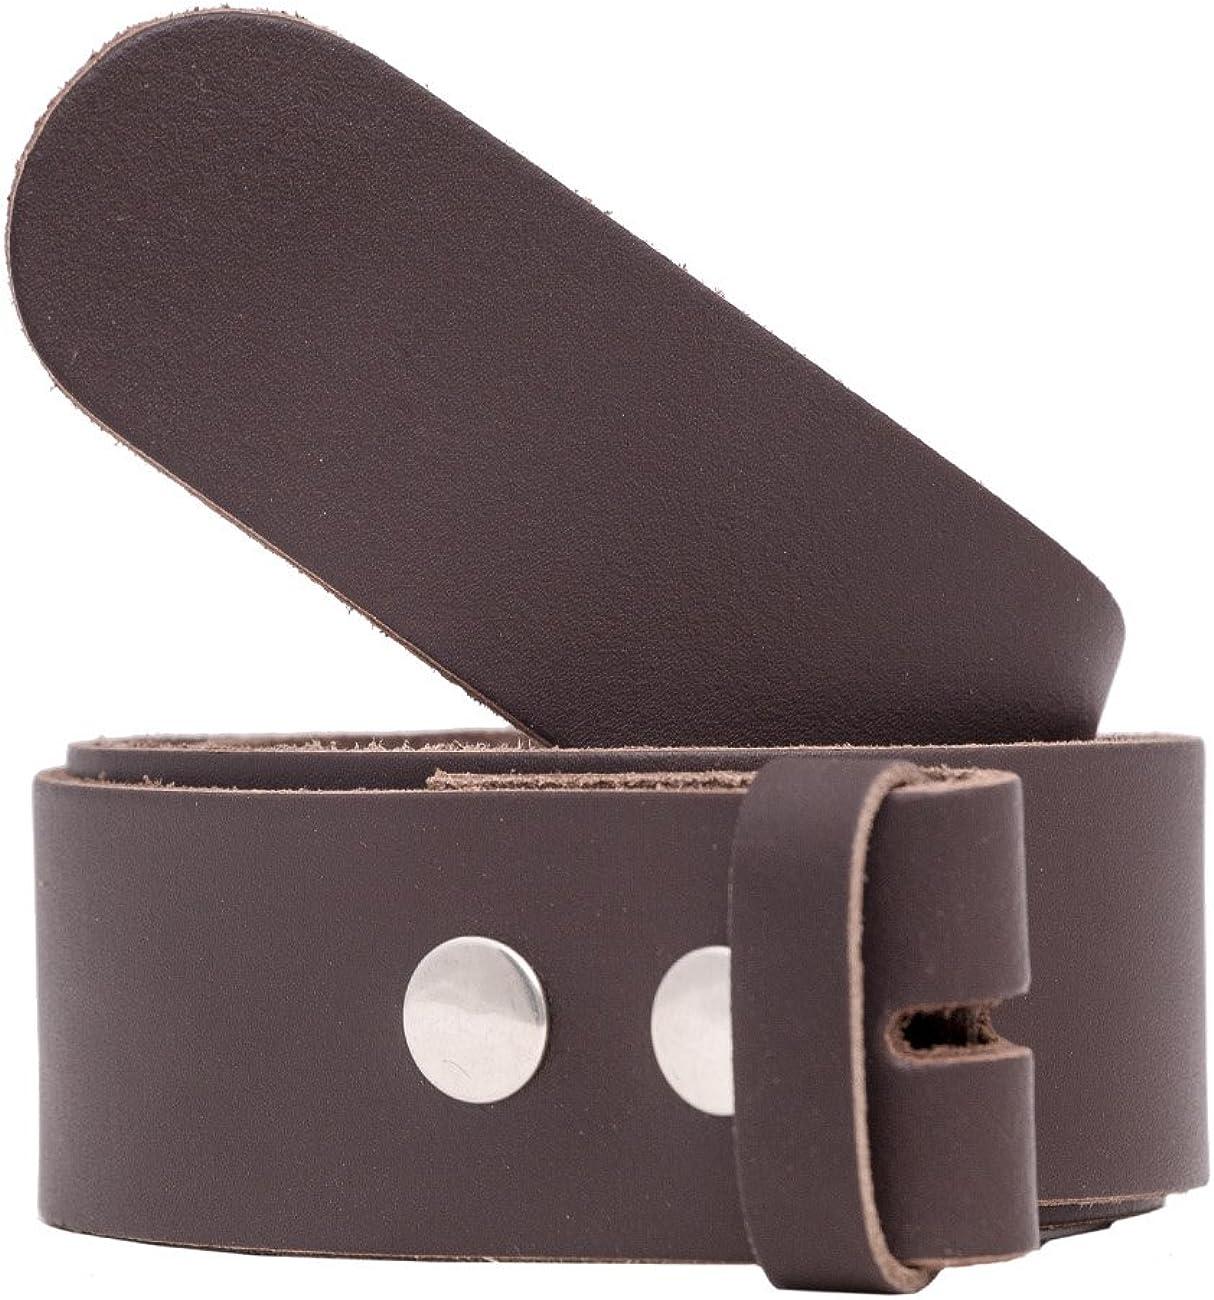 shenky - Correa de recambio para cinturón unisex - Cuero auténtico - Para cambiar hebilla - 4 cm de ancho